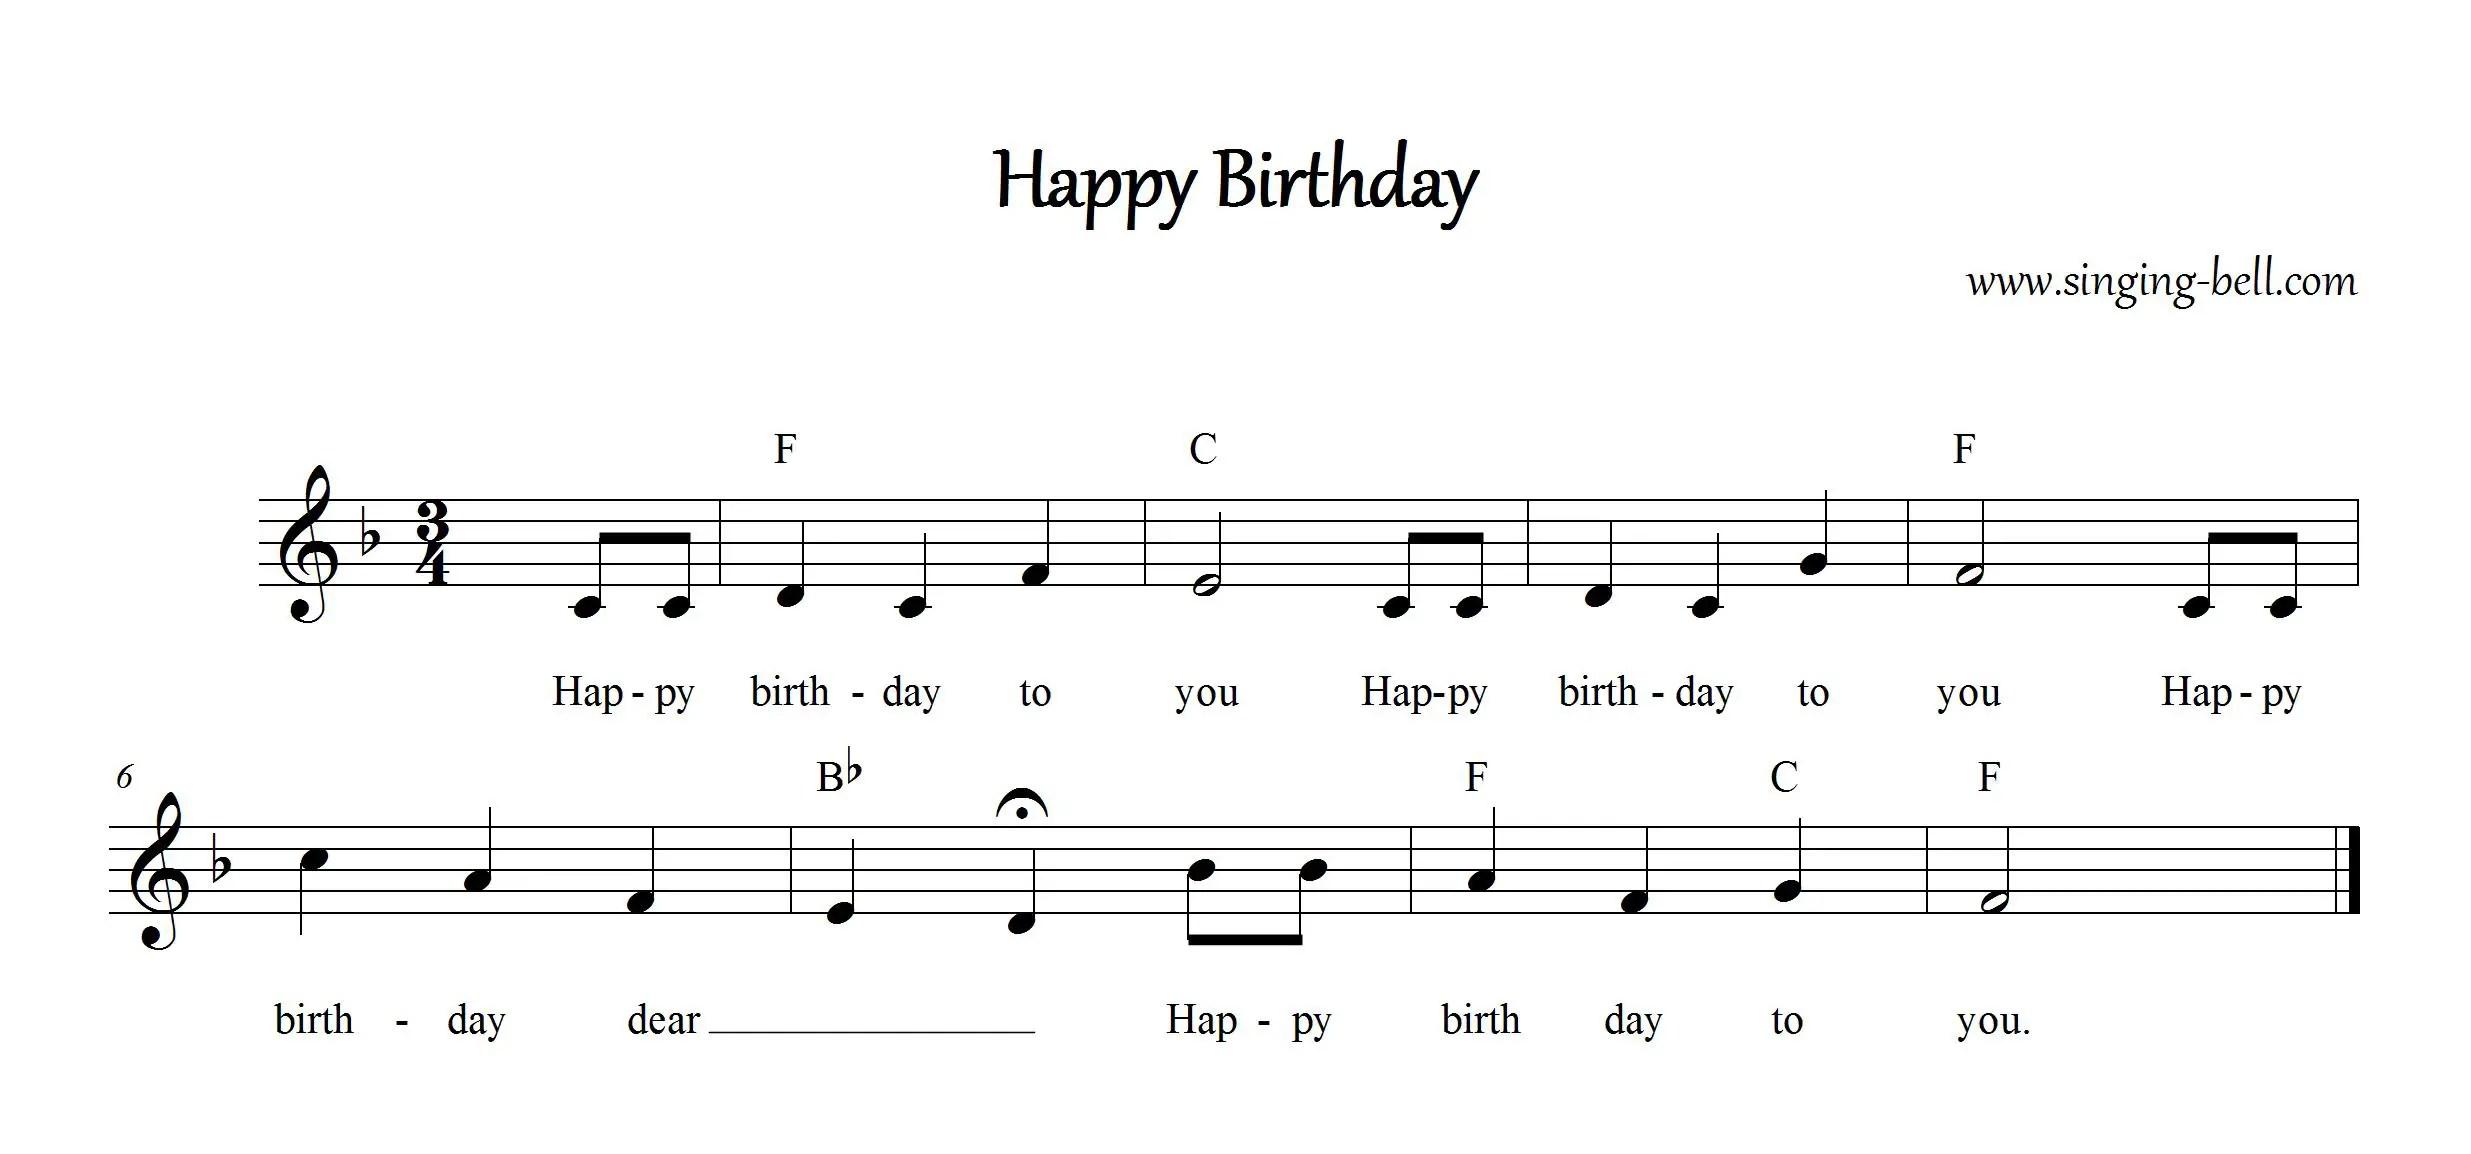 You Birthday Birthday Happy Happy Karaoke Version